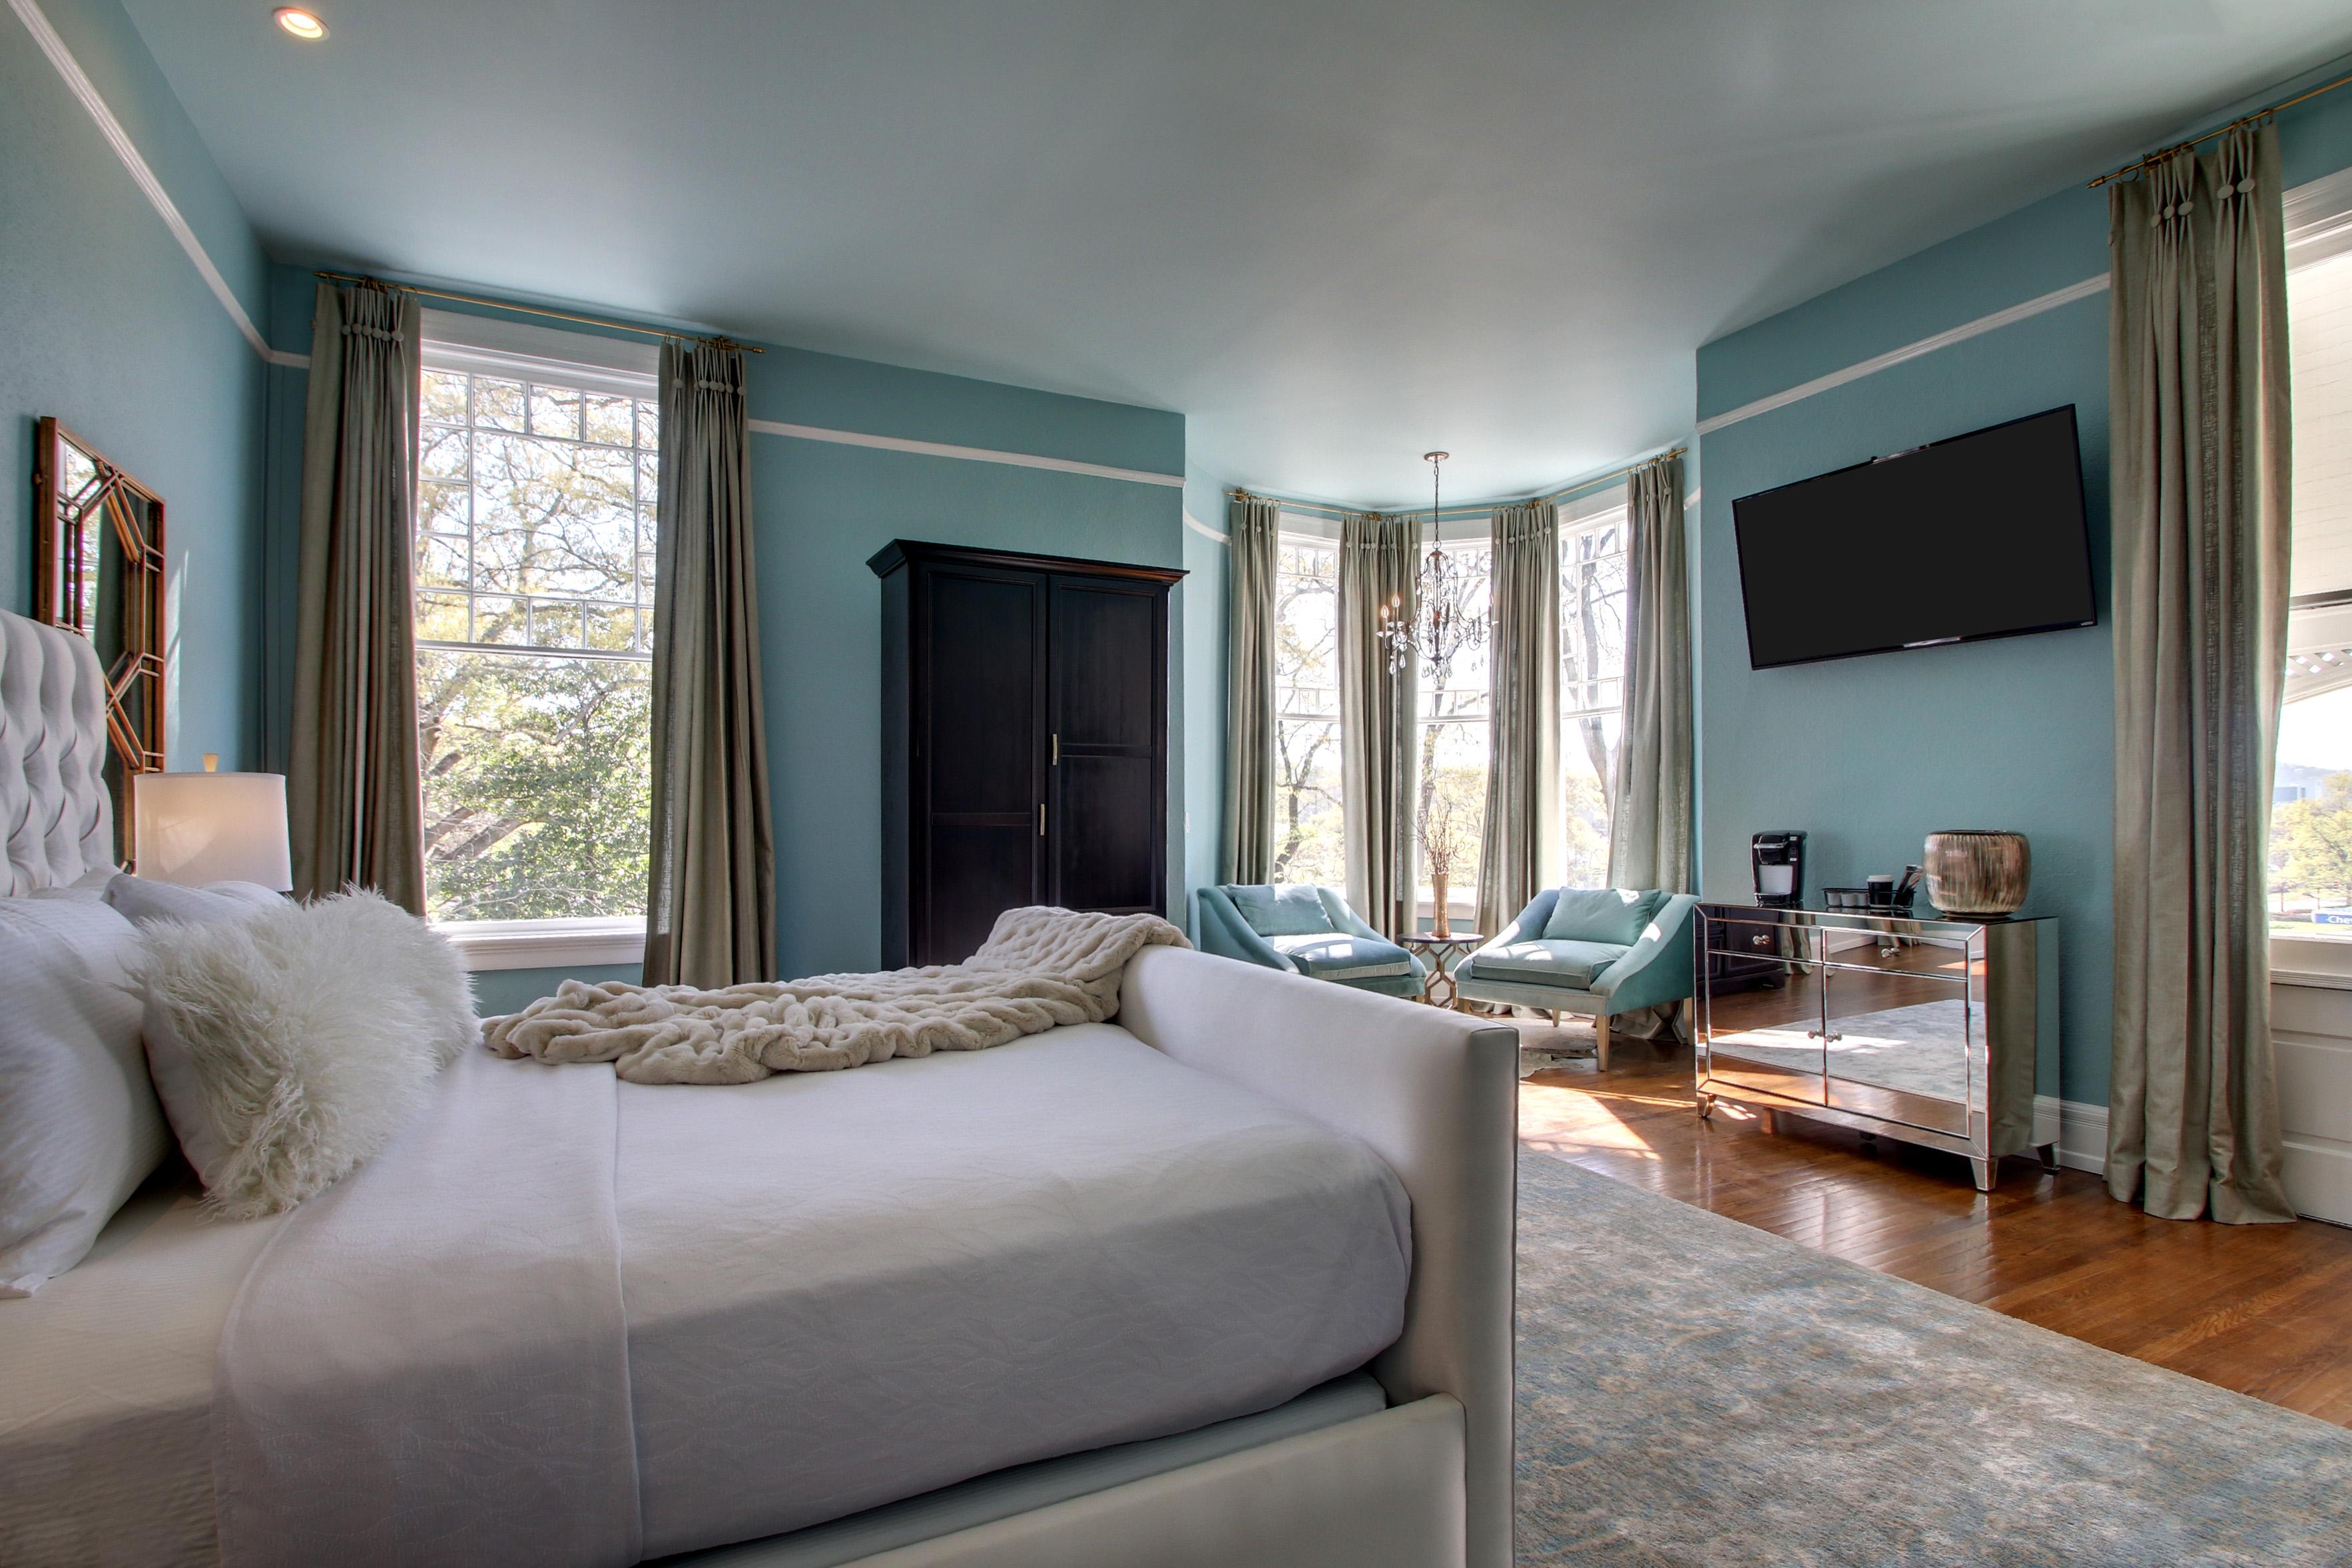 Hotel Rooms In Anniston Al